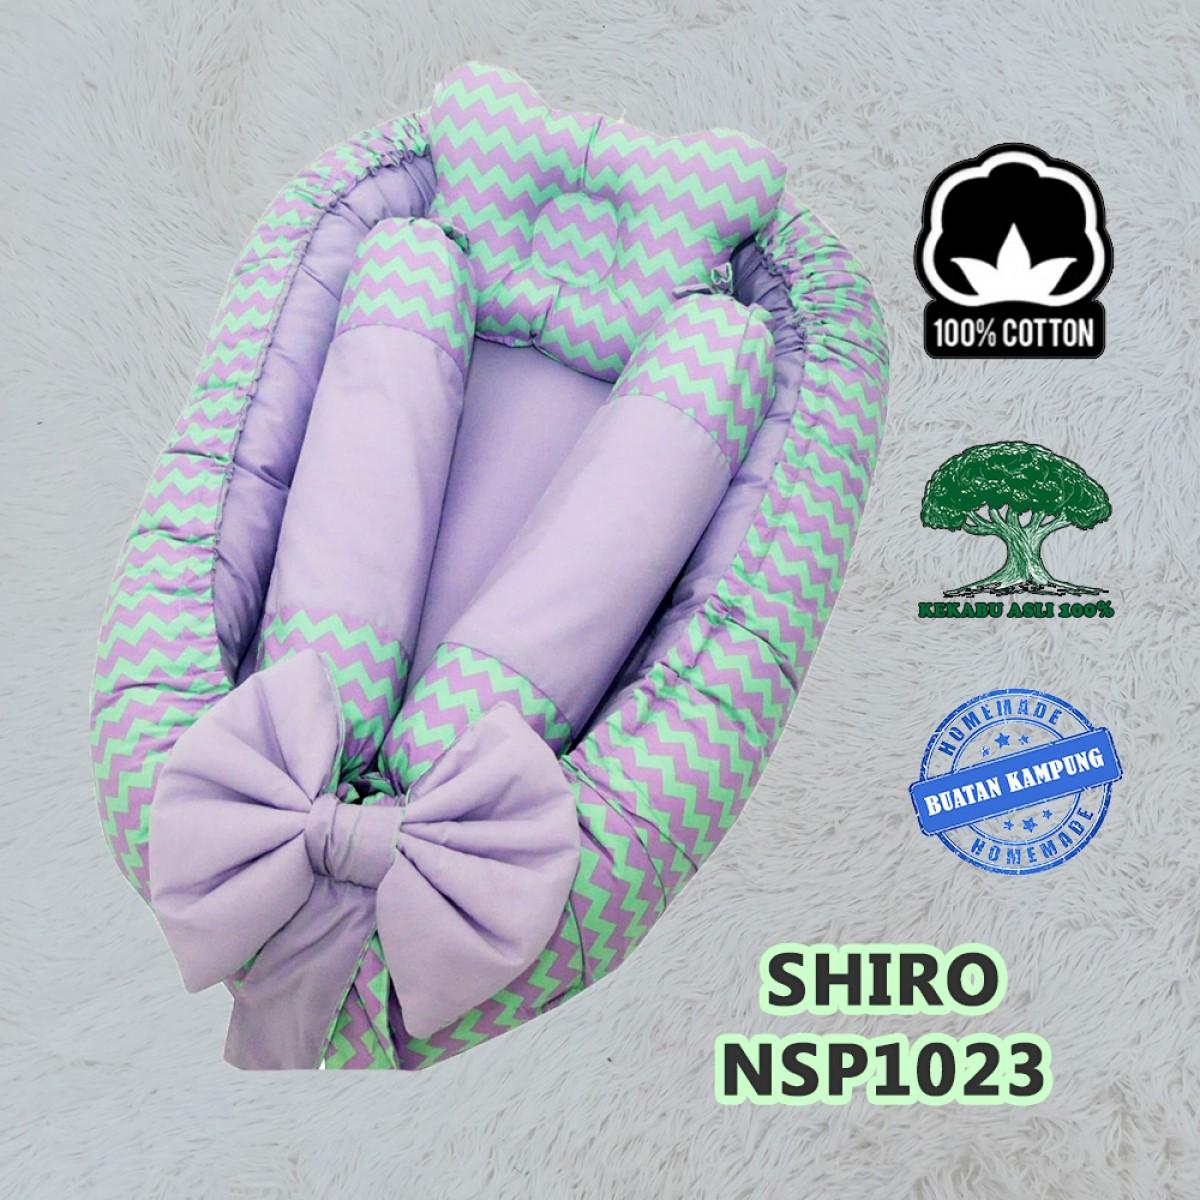 Shiro - Kico Baby Center